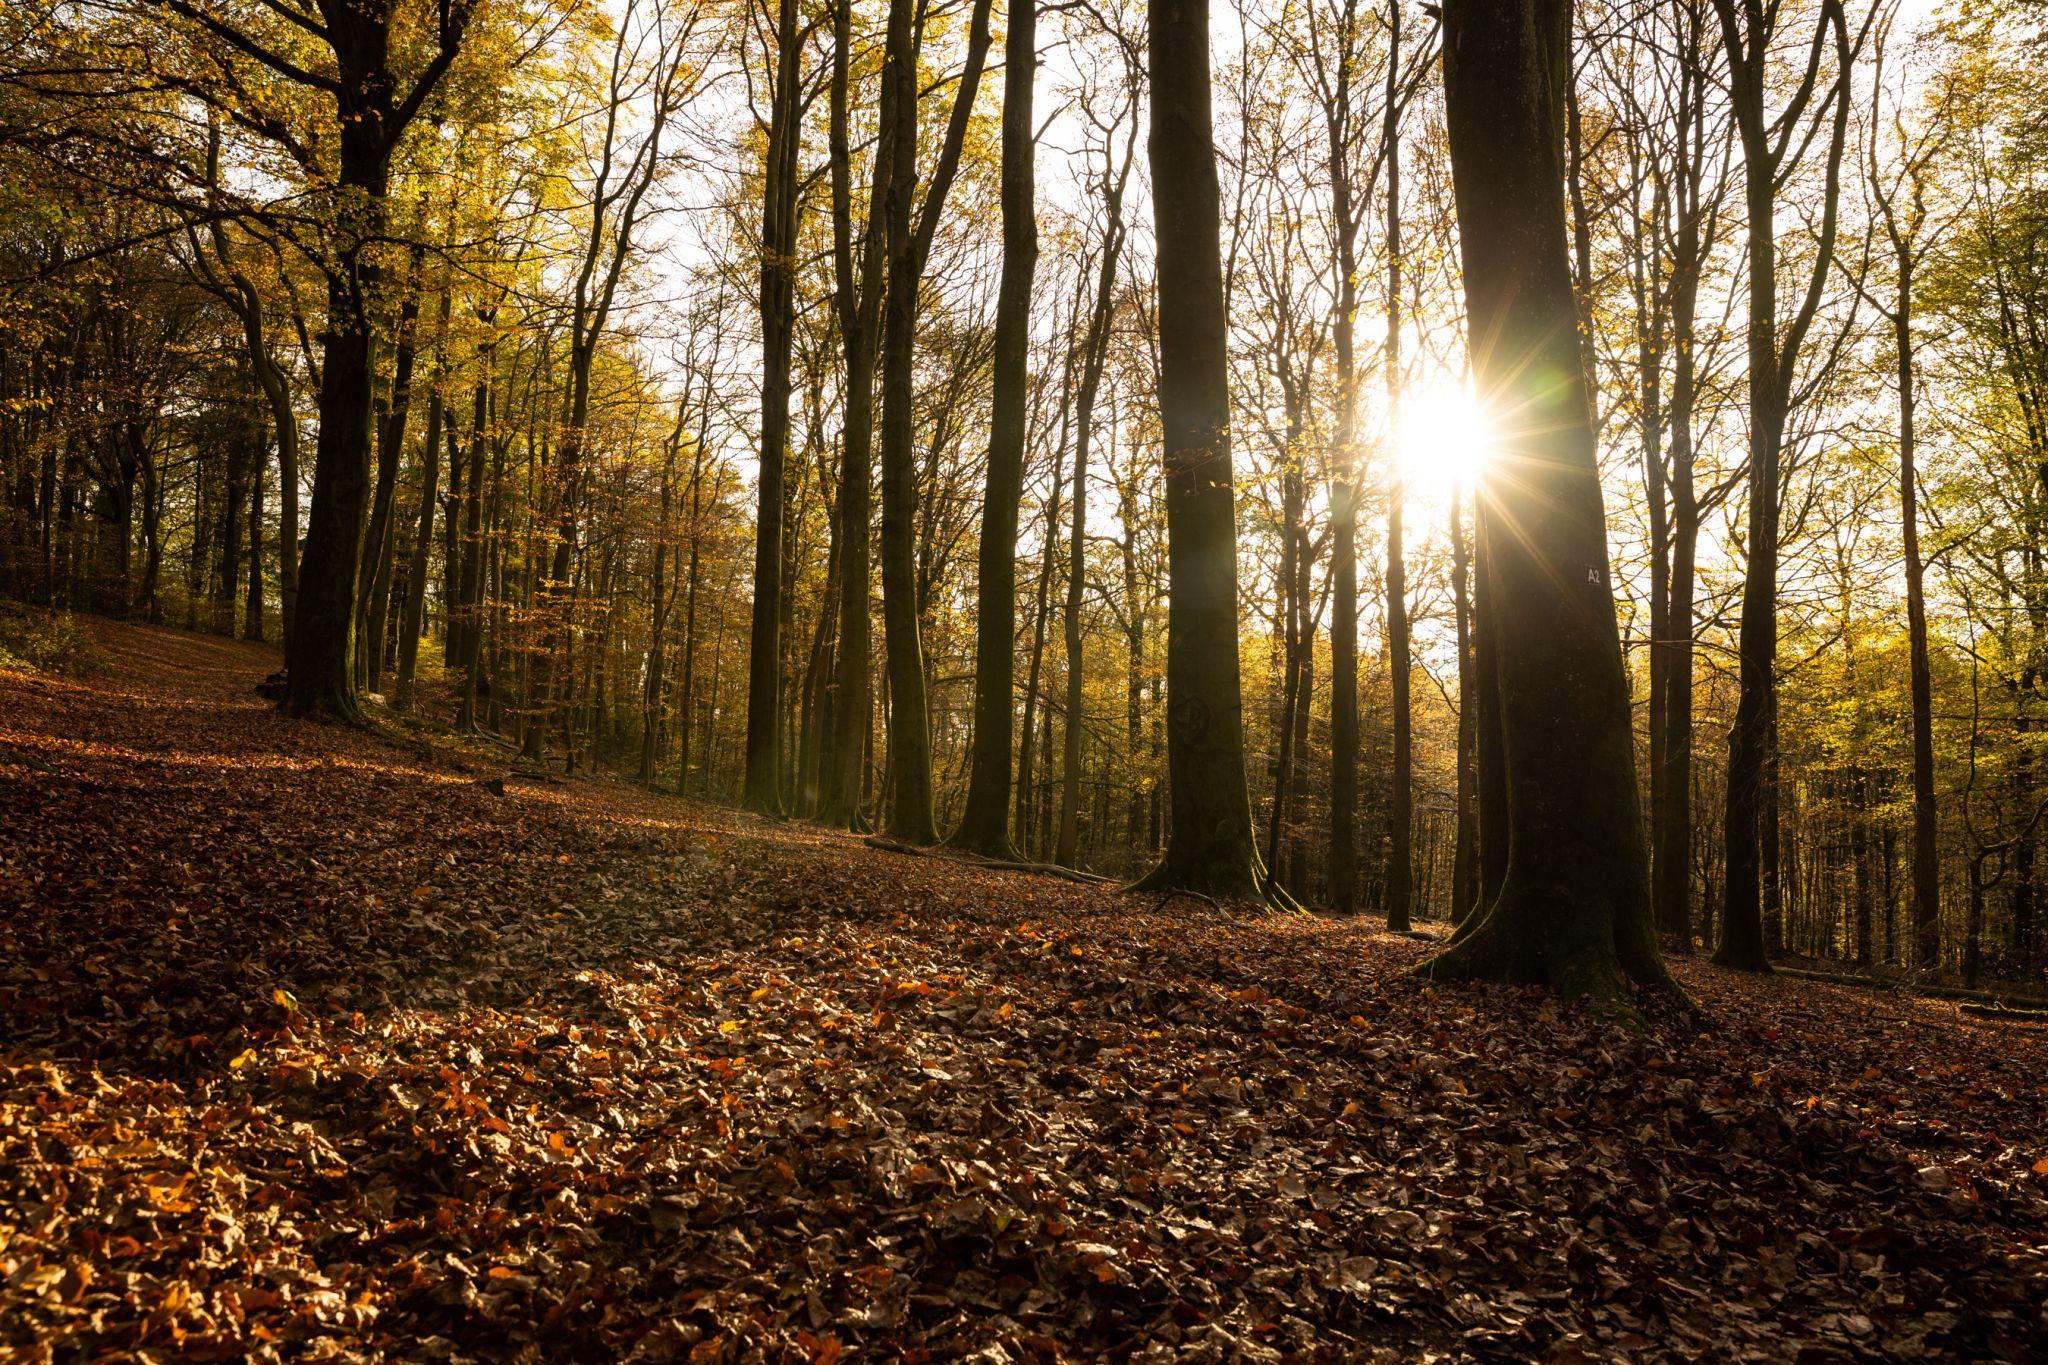 Tiergarten, Germany